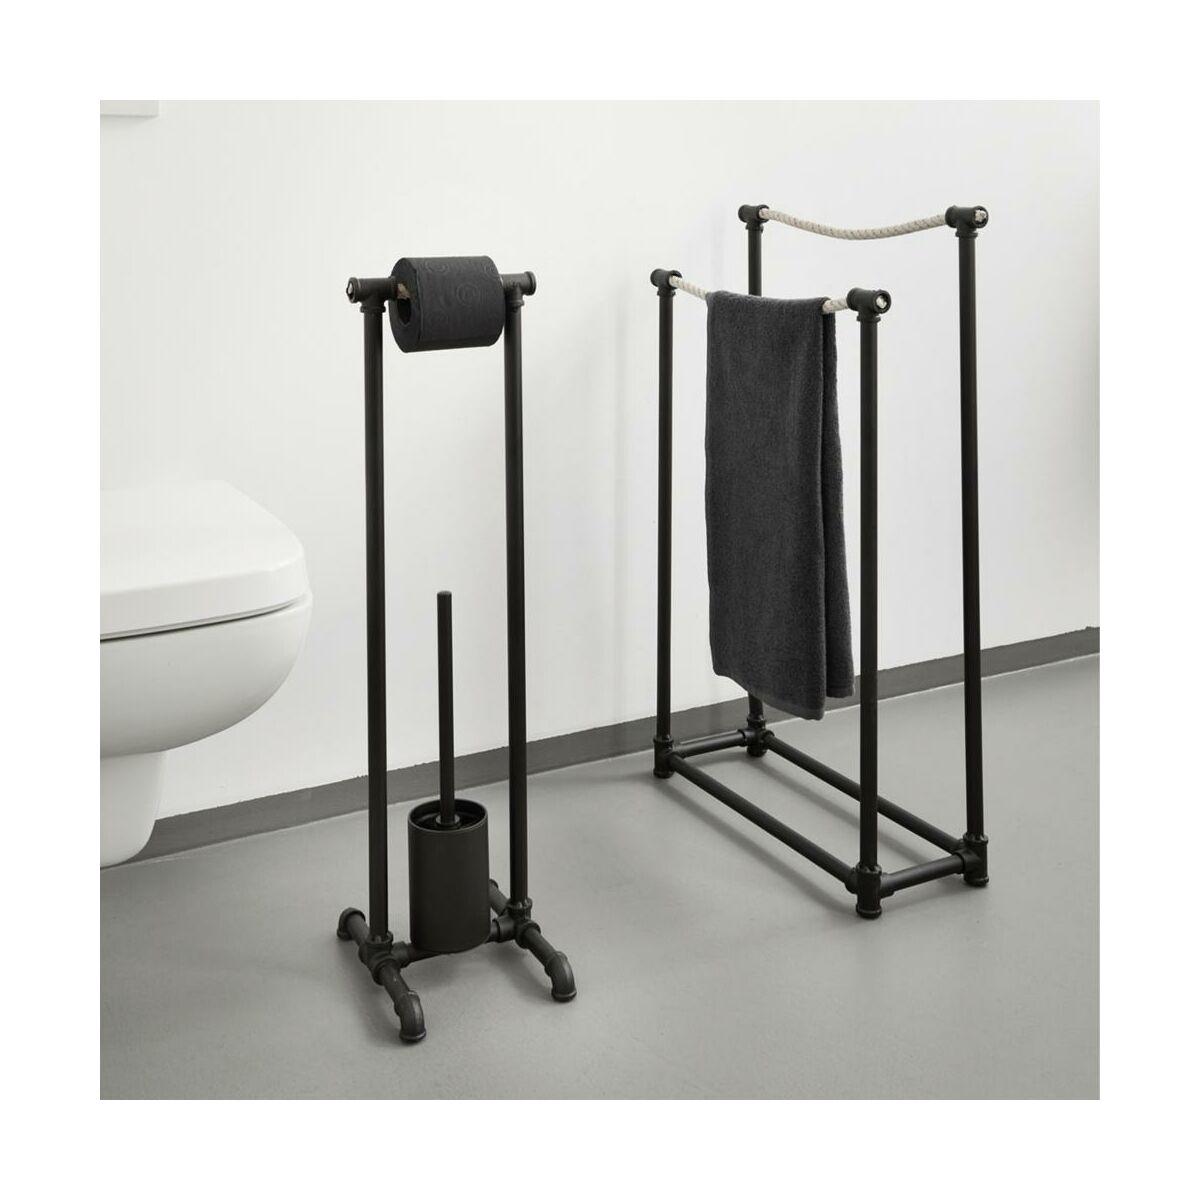 Stojak Na Papier Toaletowy I Szczotke Toaletowa Osuna Wenko Stojaki Na Papier Toaletowy W Atrakcyjnej Cenie W Sklepach Leroy Merlin